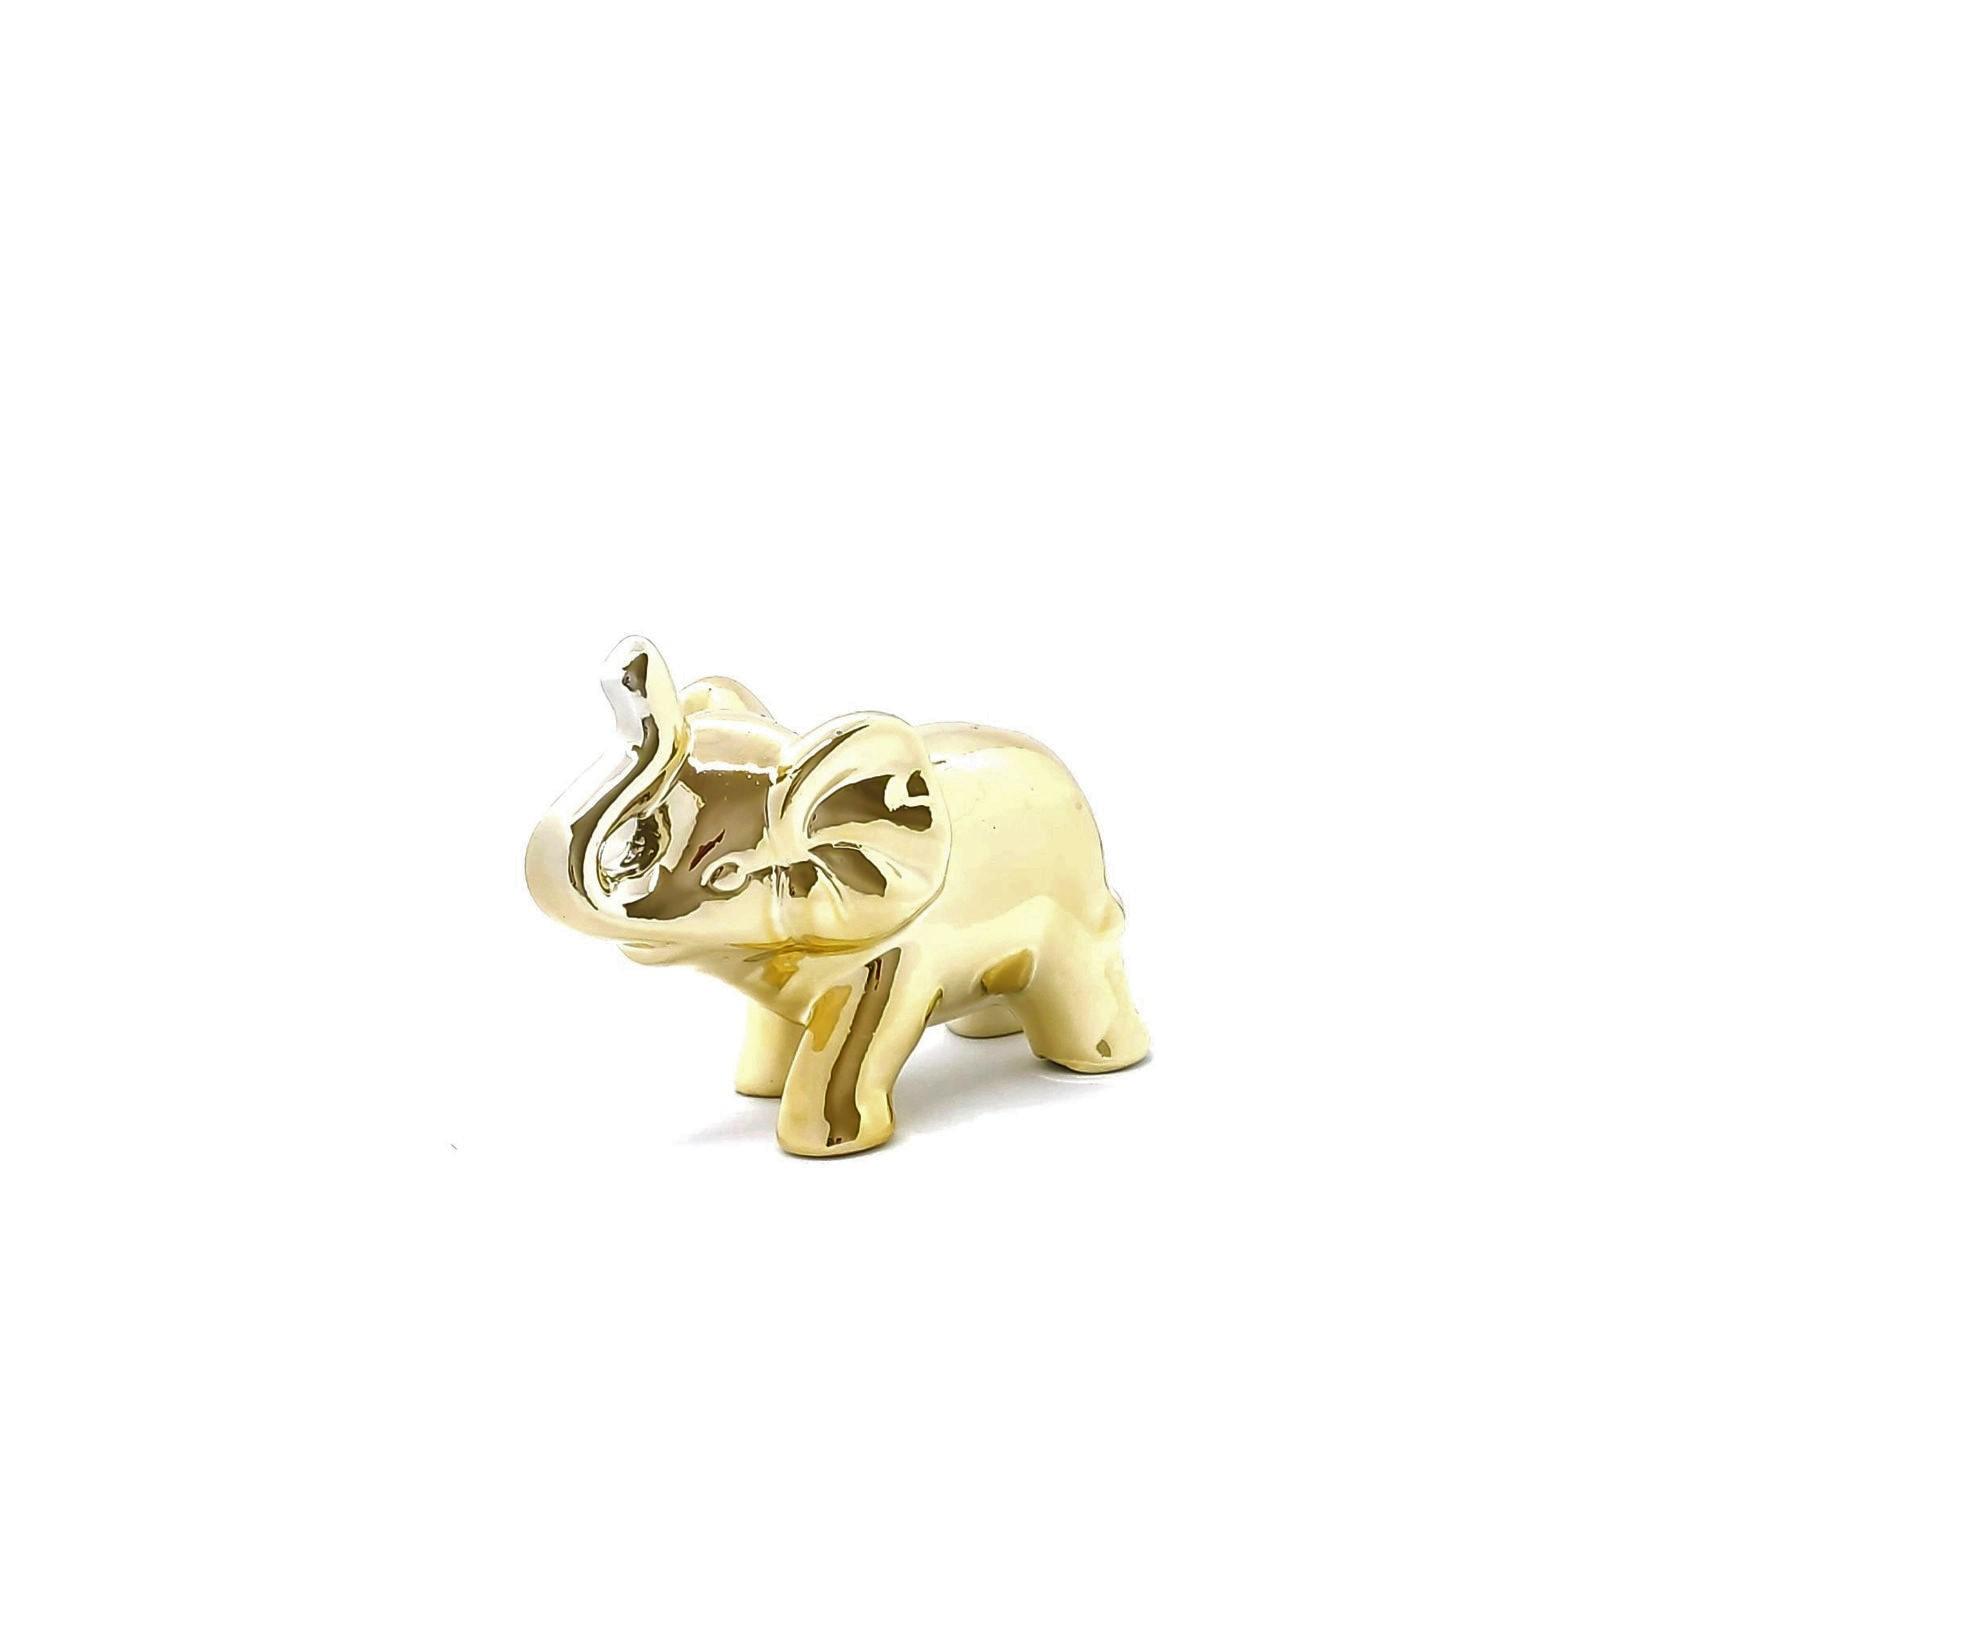 Elefante  Decorativo de Porcelana Dourado